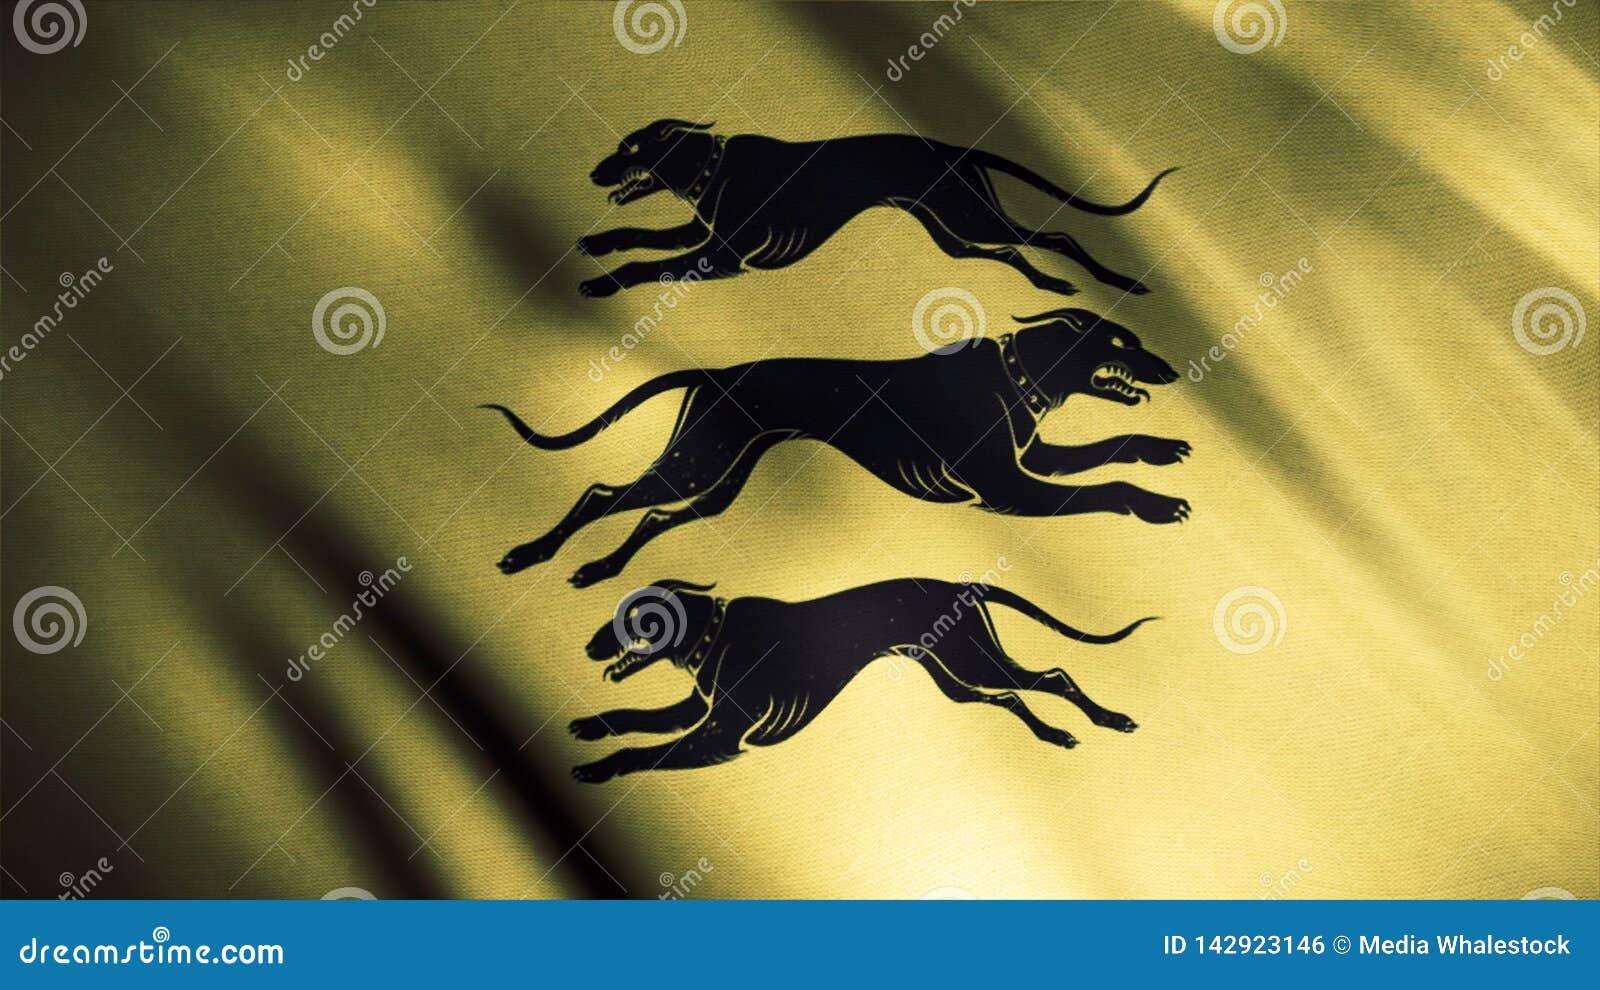 Lle siluette nere di tre cani che corrono nelle direzioni differenti sul fondo d ondeggiamento dorato della bandiera, ciclo senza